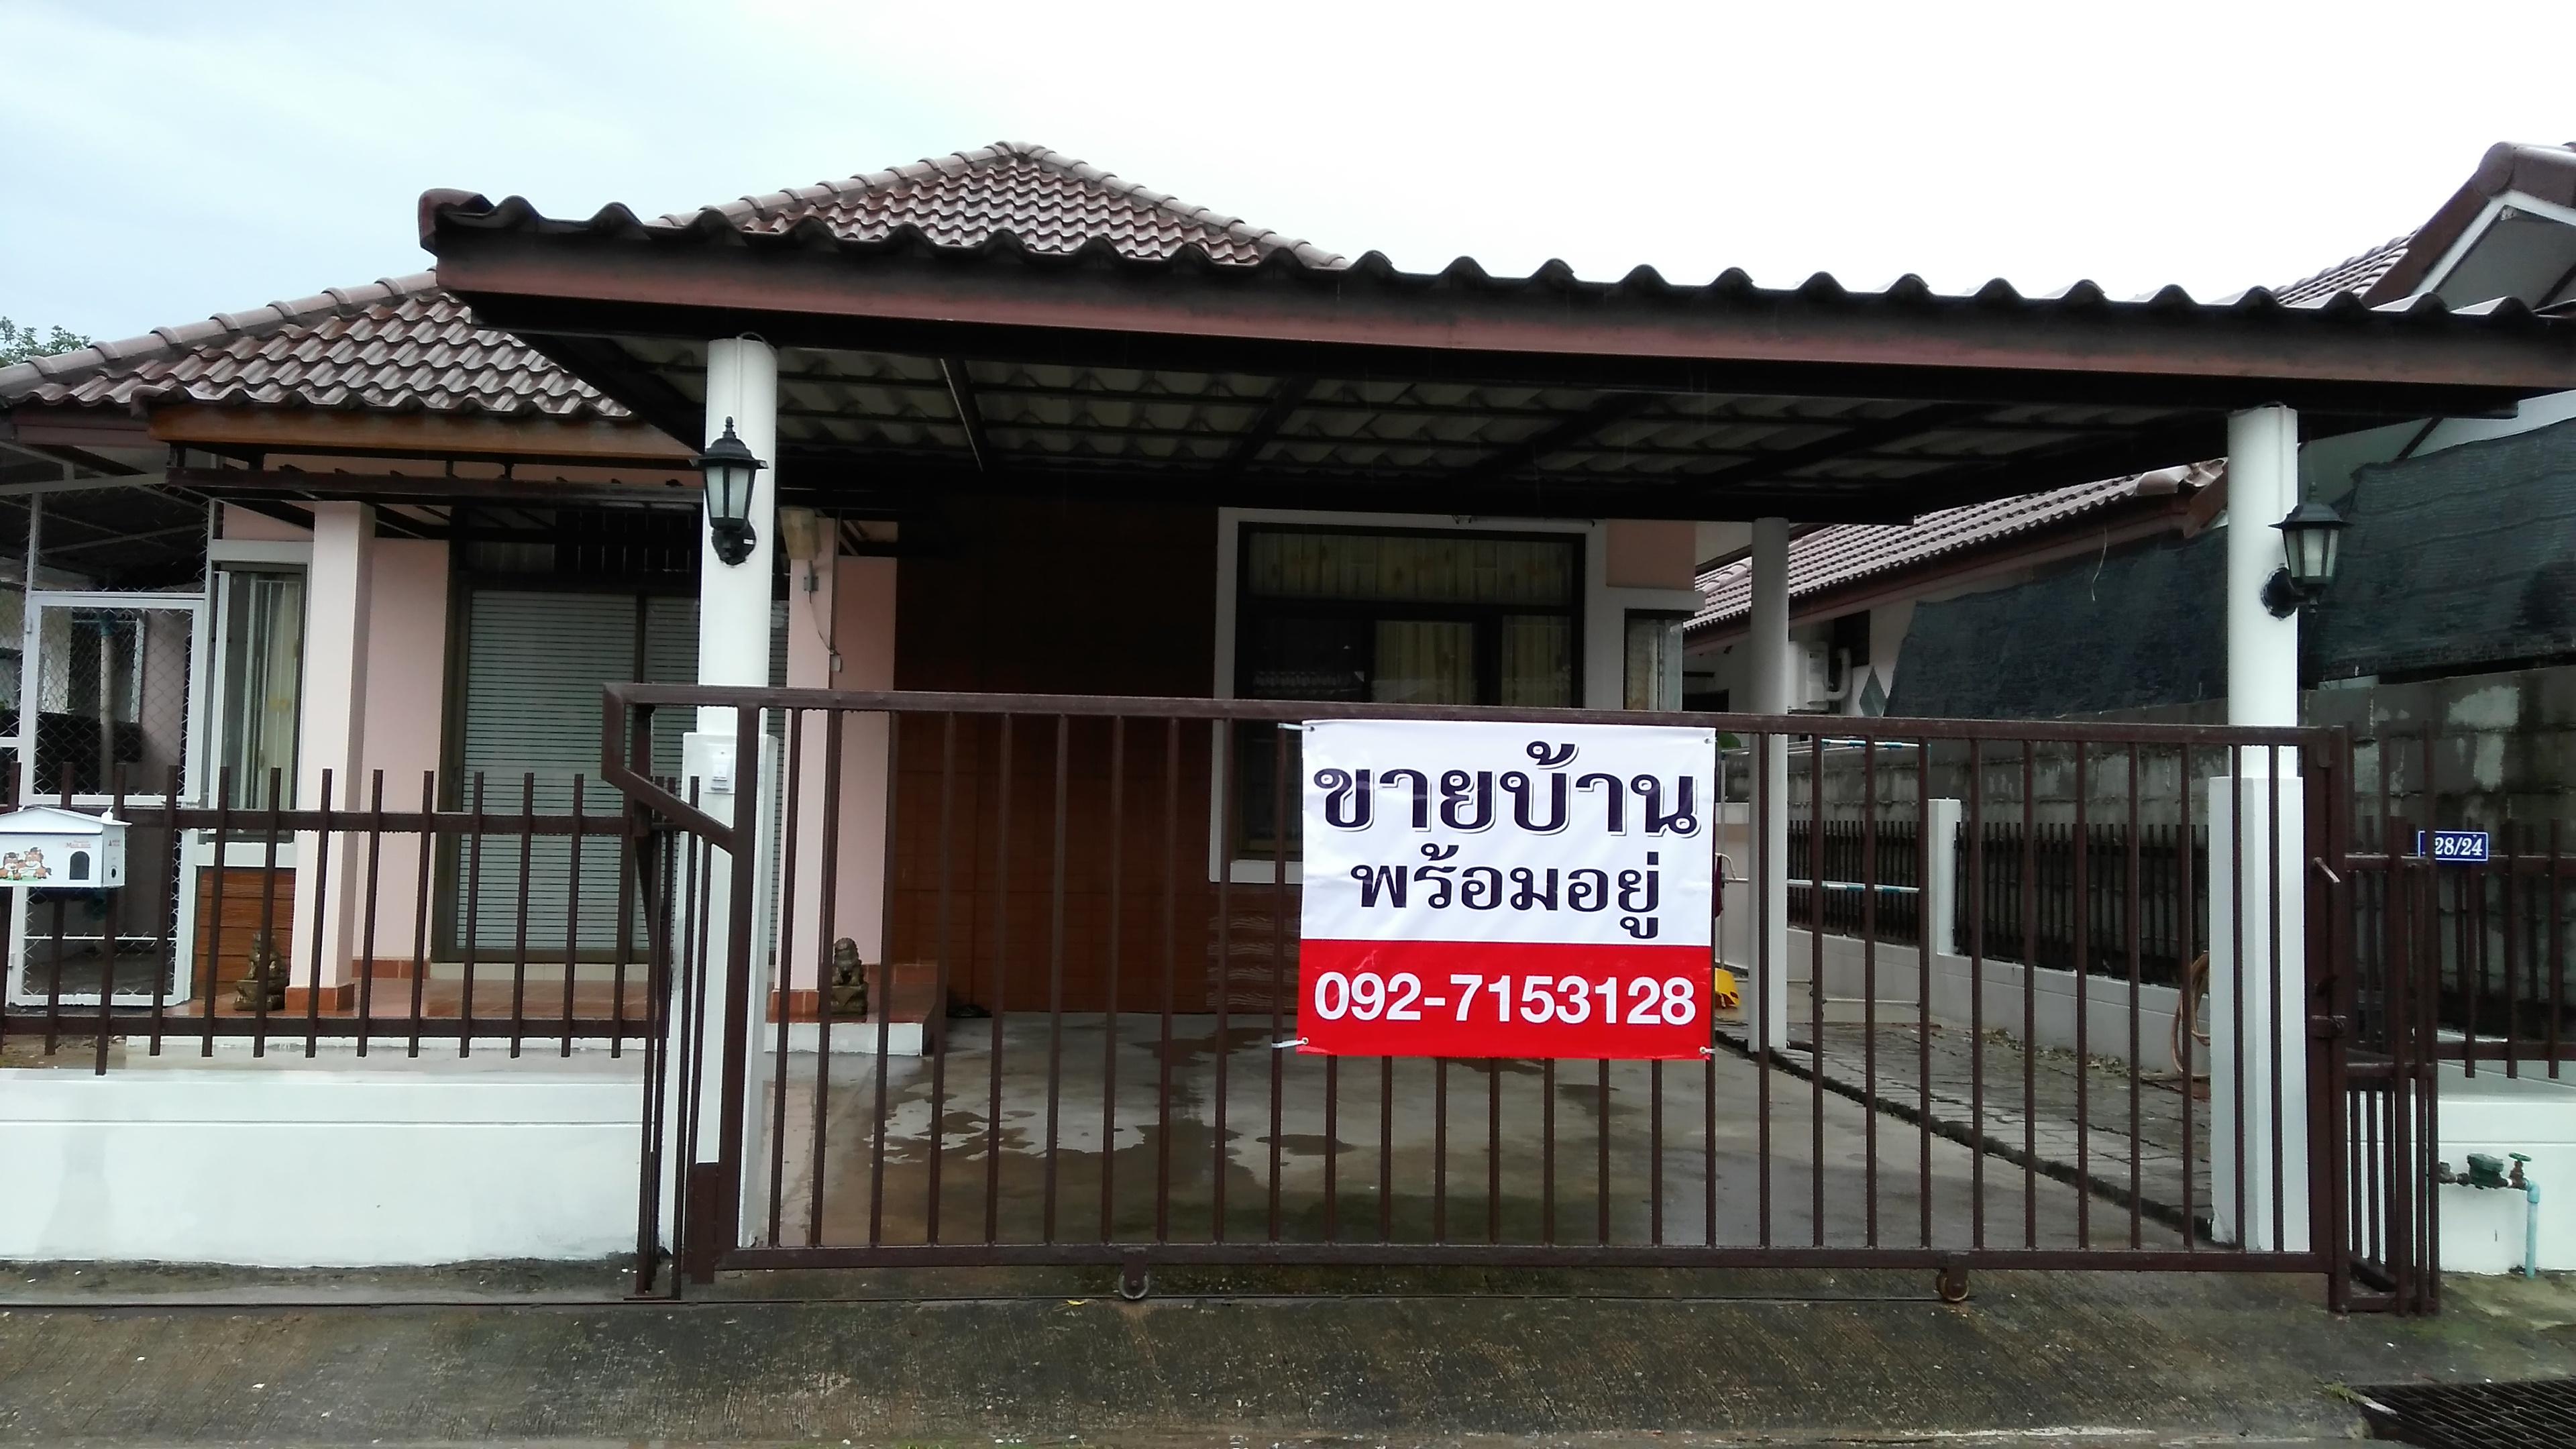 บ้านเดี่ยว หมู่บ้าน พฤกษา 304 นิคมอุตสาหกรรม ปราจีนบุรี ใกล้ นิคม 304 นิคม โรจนะ บริษัท ดับเบิ้ลเอ บ้านเดี่ยว ทำเลดี ปราจีนบุรี